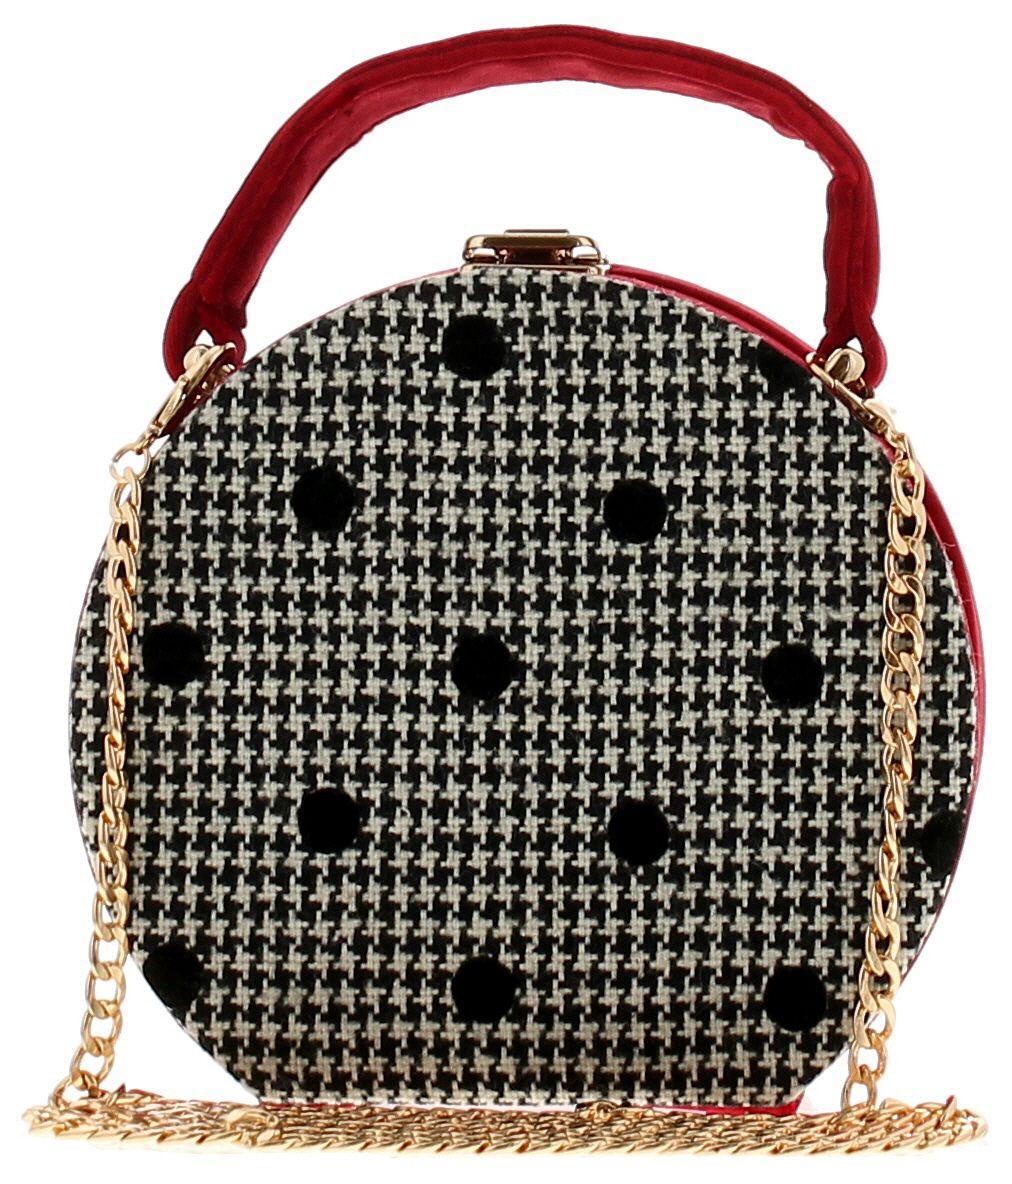 Joe Browns Couture lorelai womens bag black